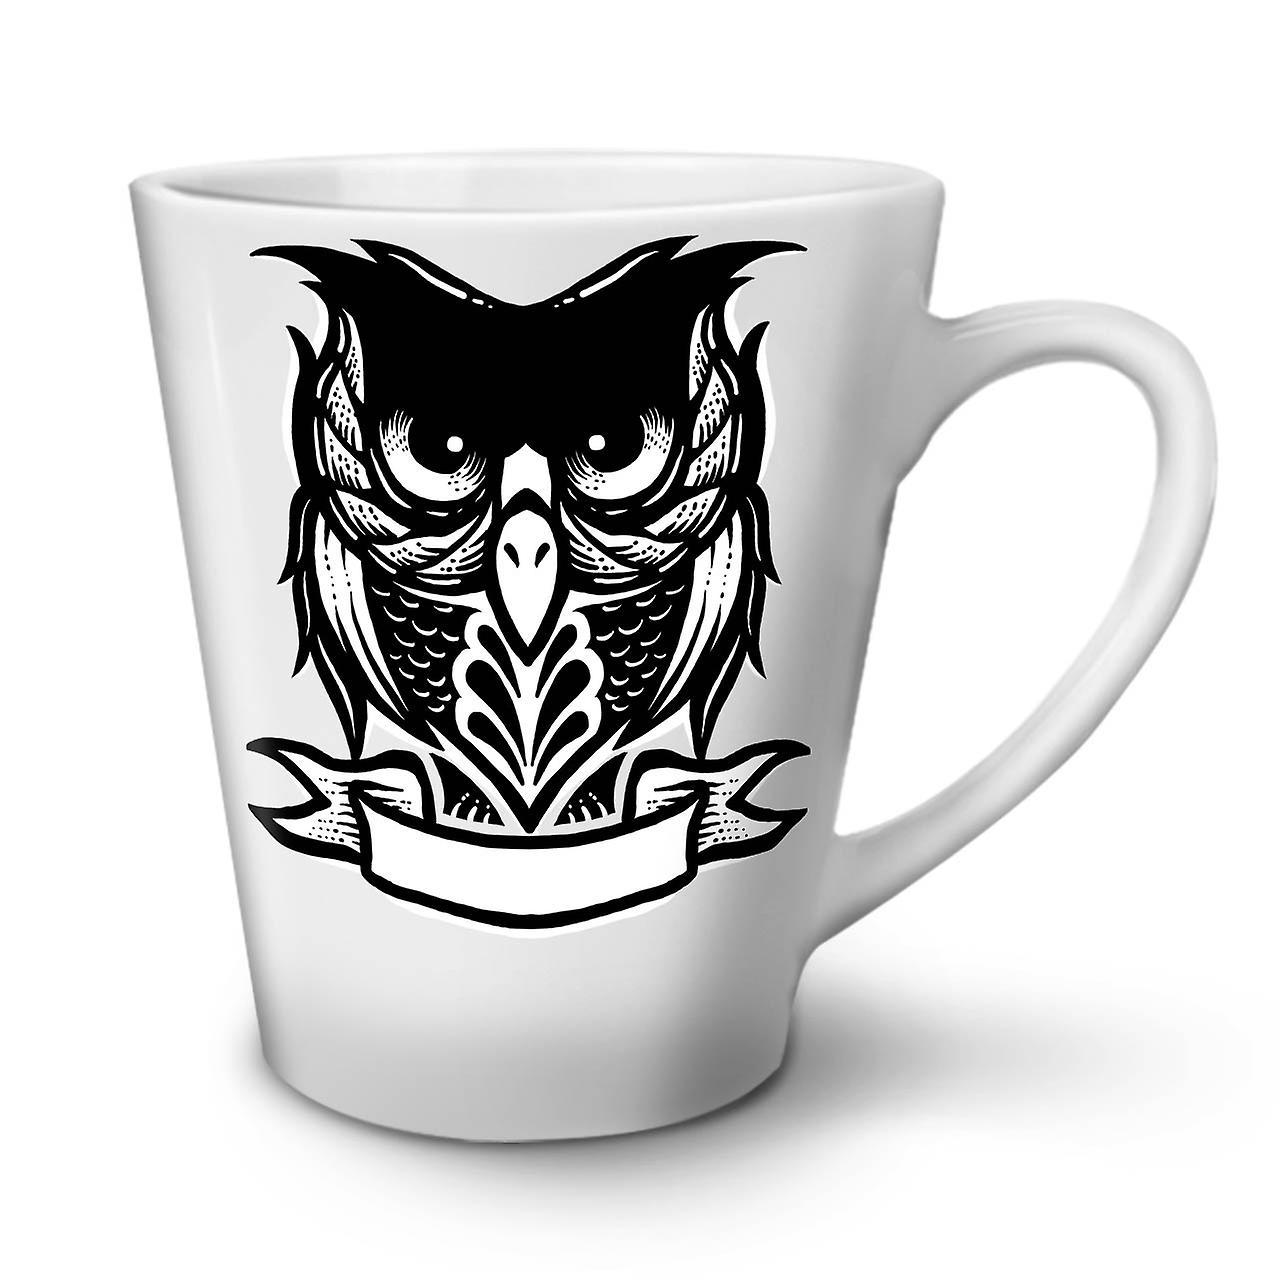 Latte En Tasse Café Animé Blanche OzWellcoda Céramique Dessin 12 Nouvelle Chouette JTF53uKlc1